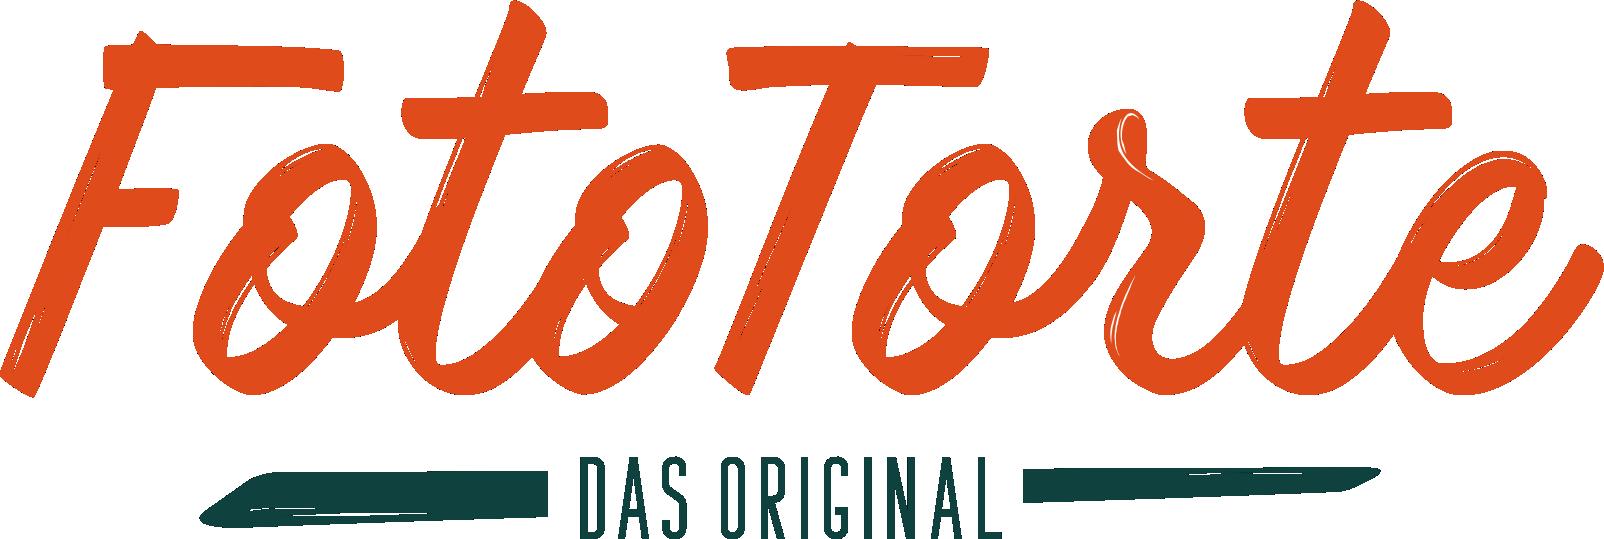 Fototorte.de Logo